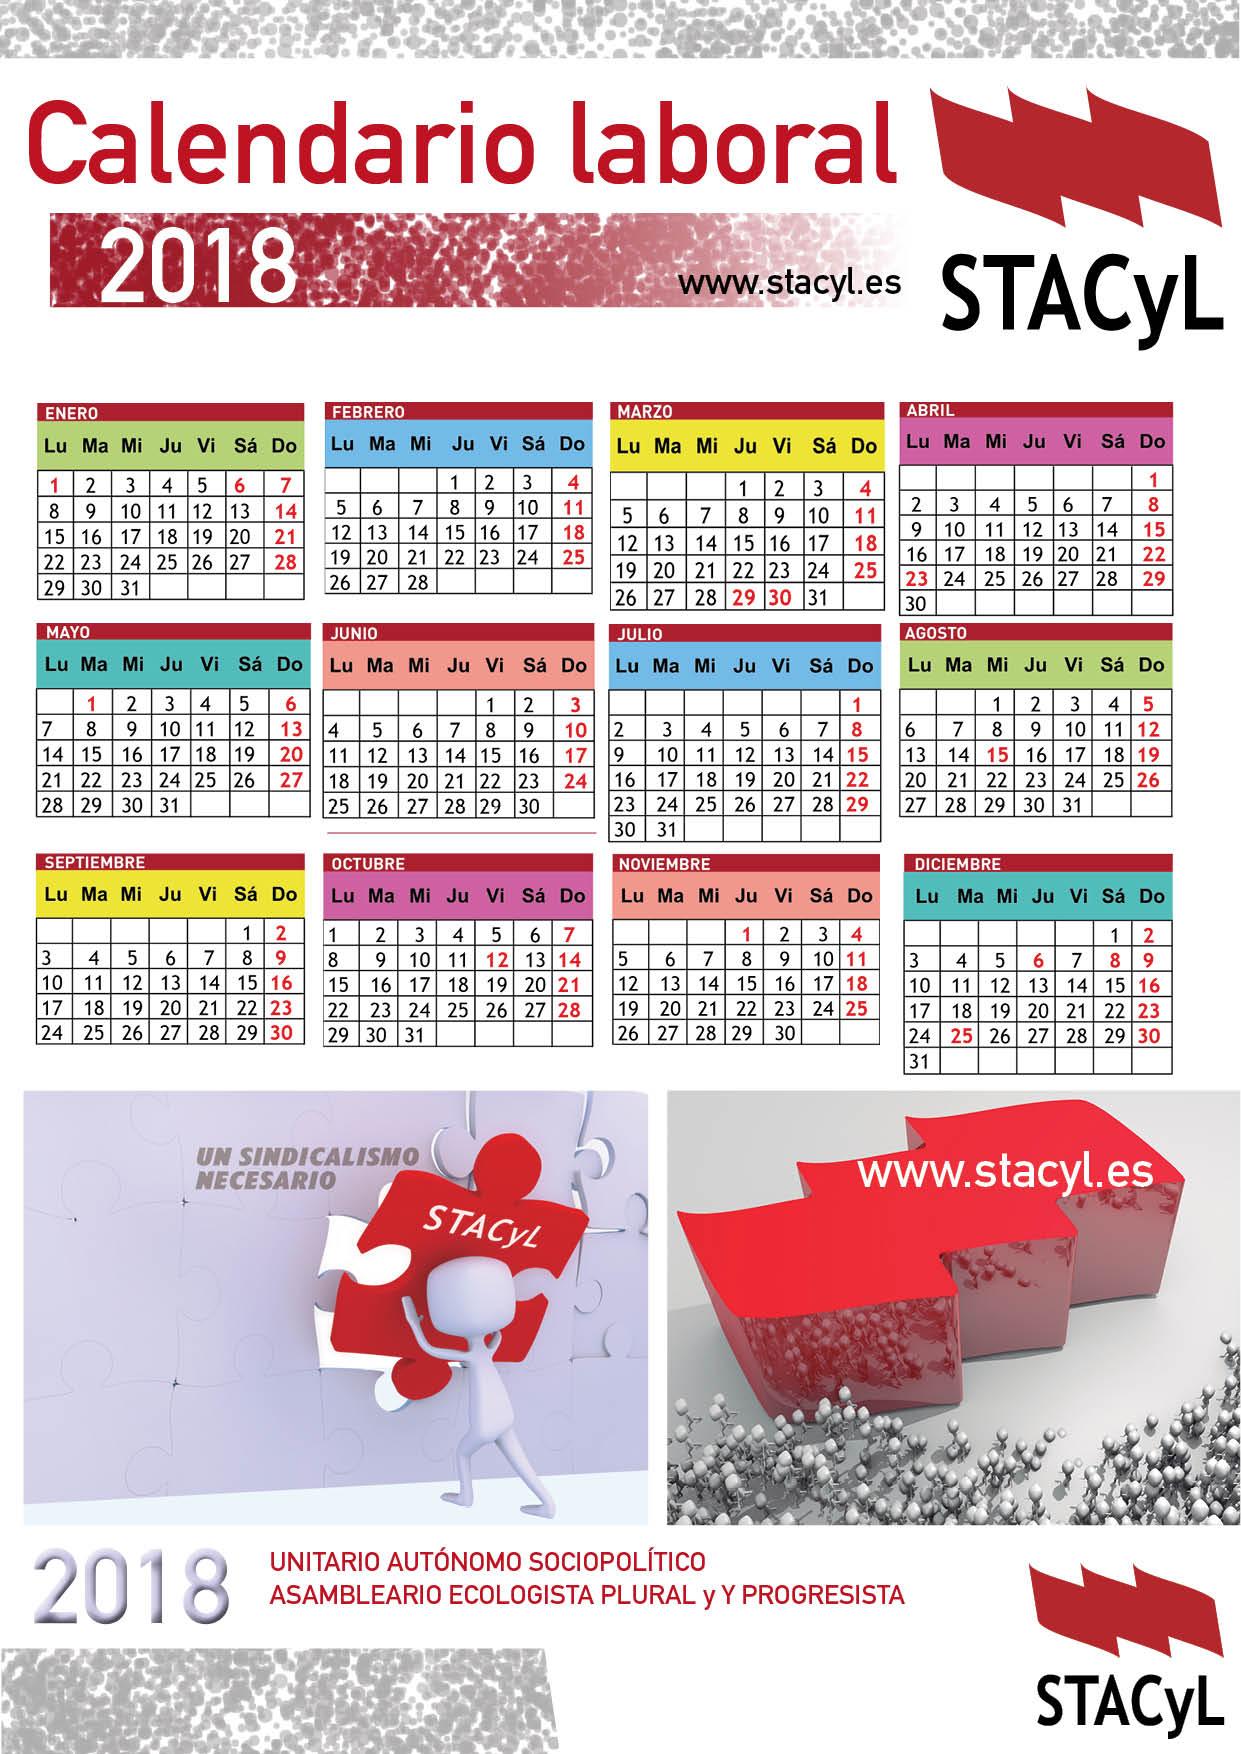 Calendario2018-STACyL